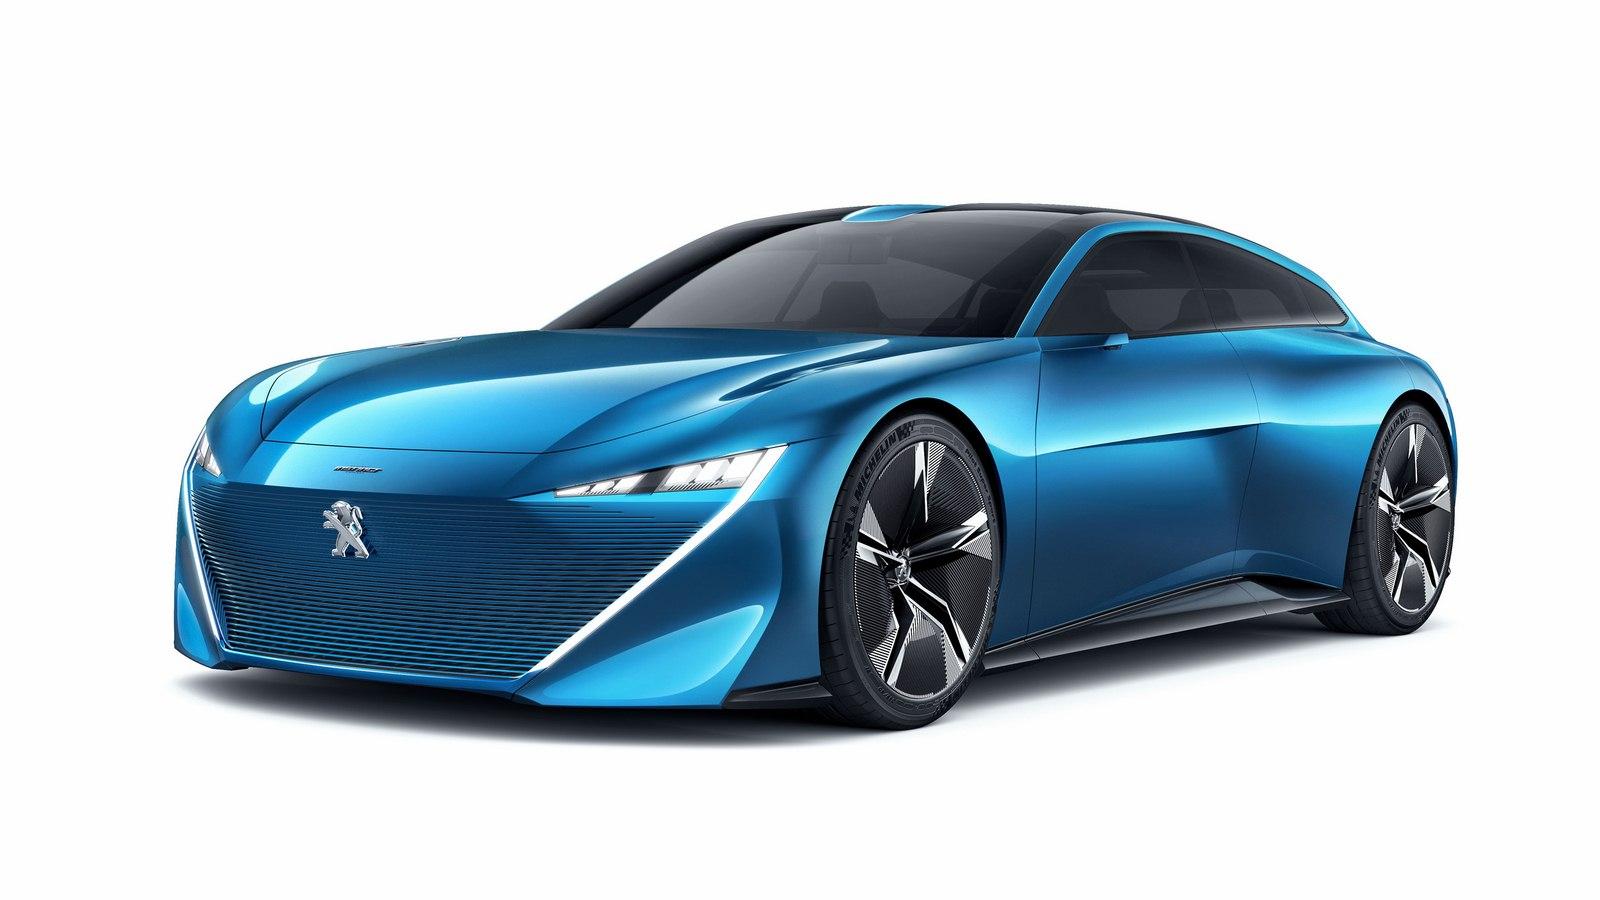 2017-Peugeot-Instinct-Concept-01-white-bg